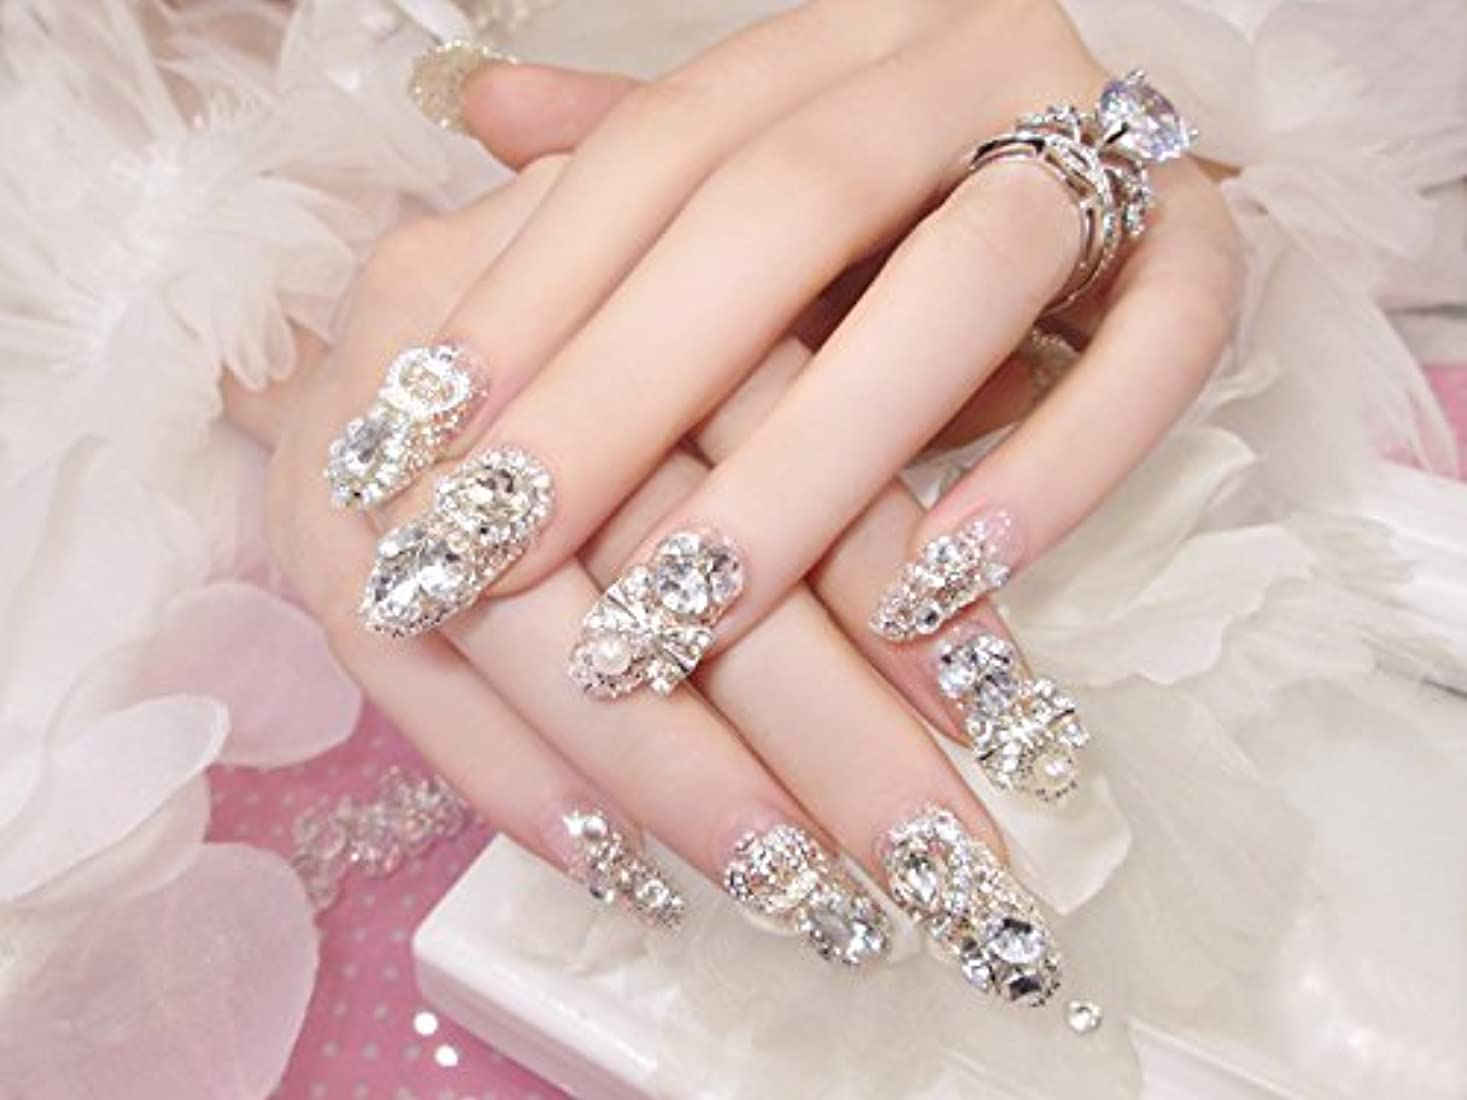 晴れ一緒に付録花嫁ネイル 手作りネイルチップ ラインストーンリボンが輝く フルチップ シンプル ネイルチップ24枚セット 人造ダイヤモンド 両面接着テープ付き 結婚式、パーティー、二次会などに ジルコン (A36)